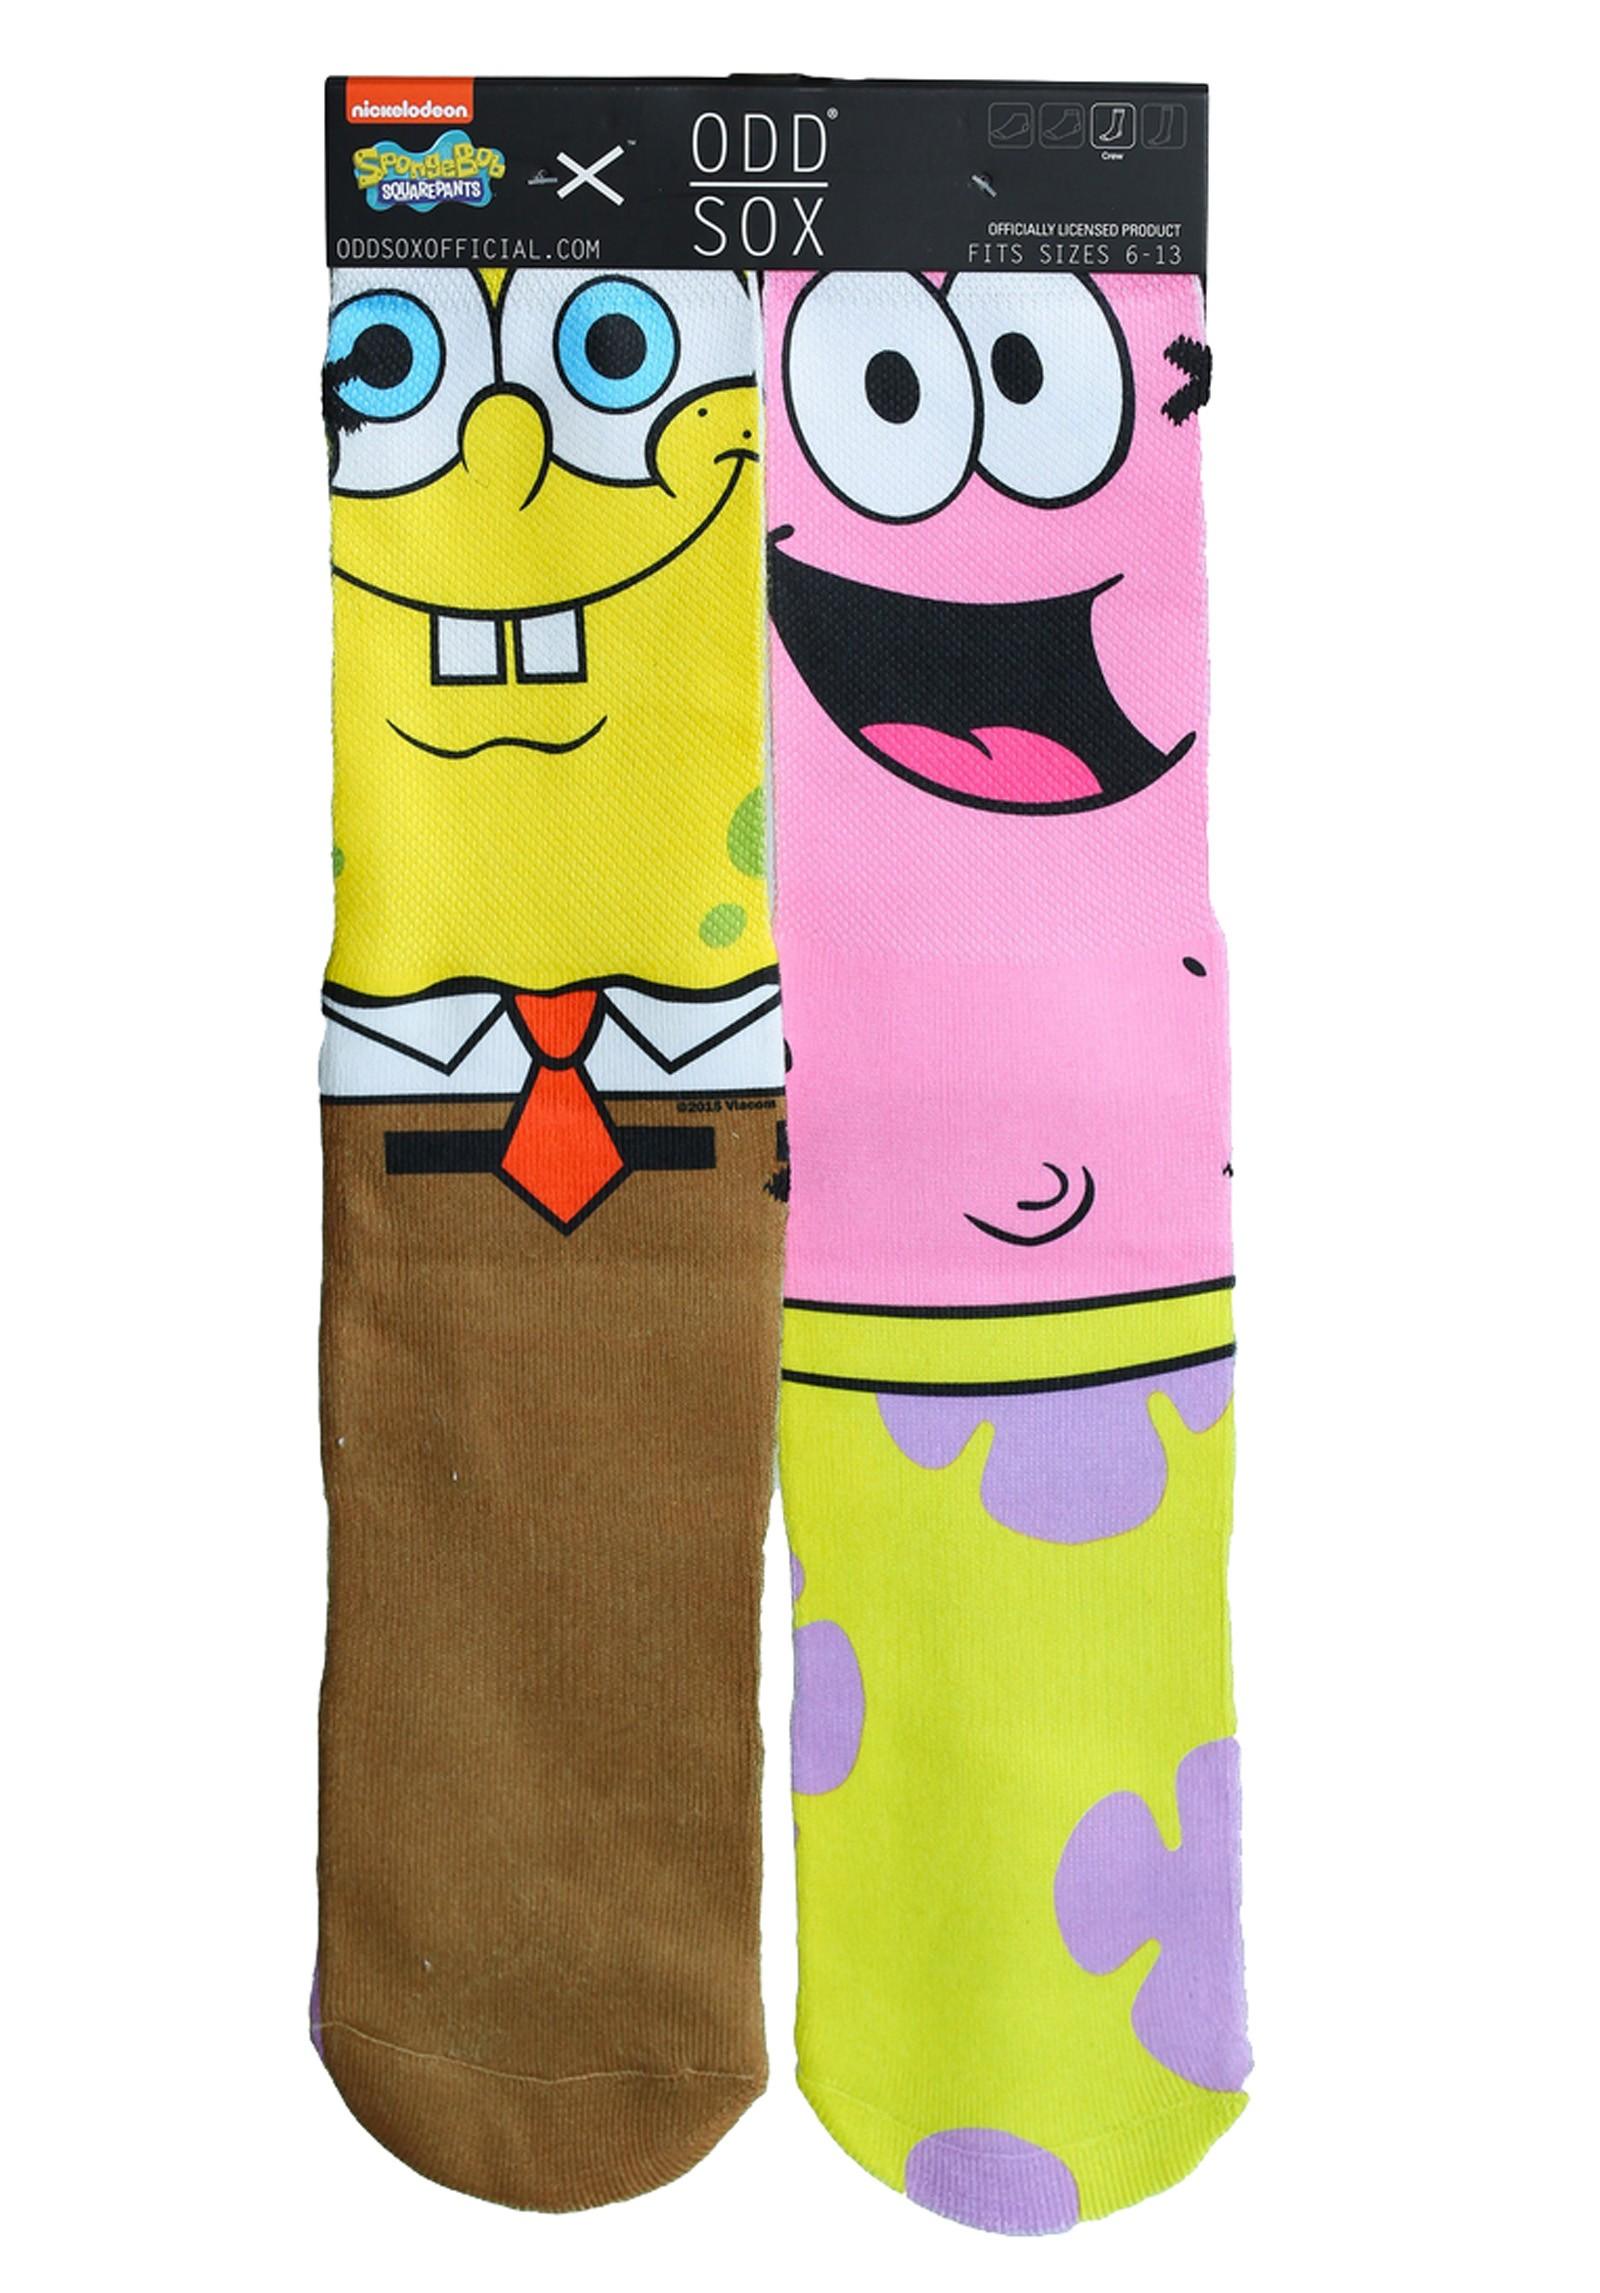 ODD Sox - Spongebob & Patrick Socken